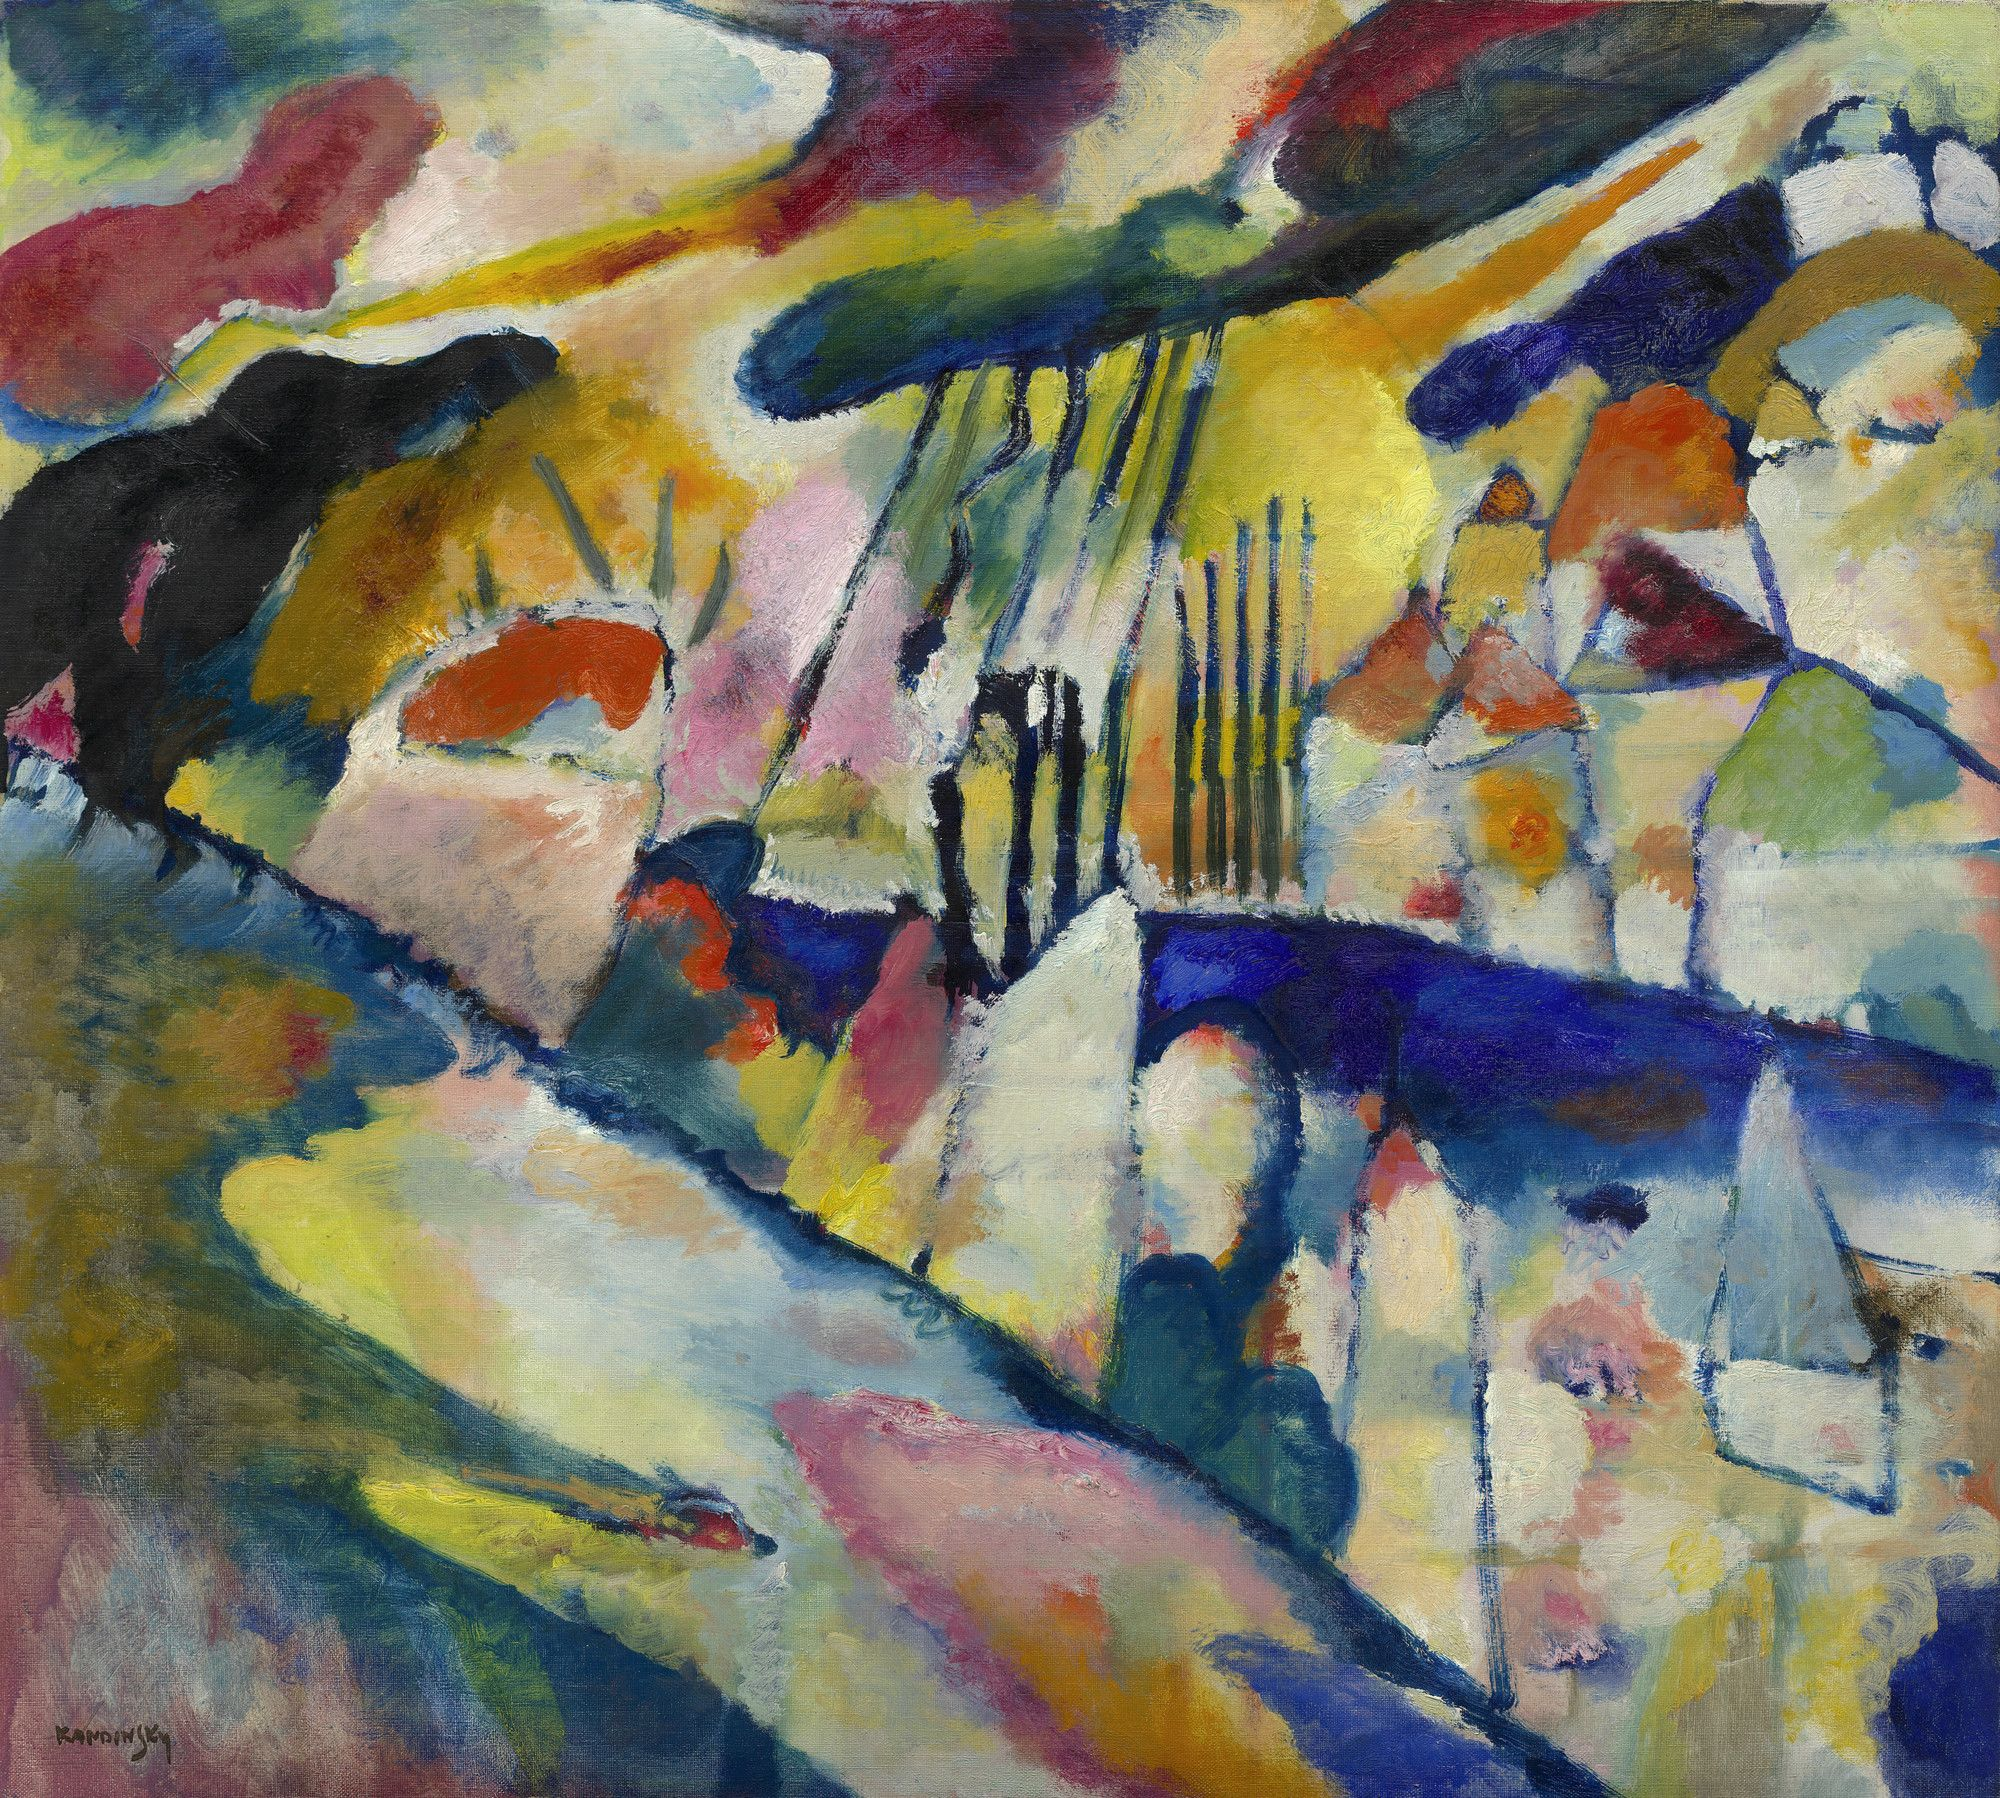 kandinsky paintings guggenheim - HD2000×1798